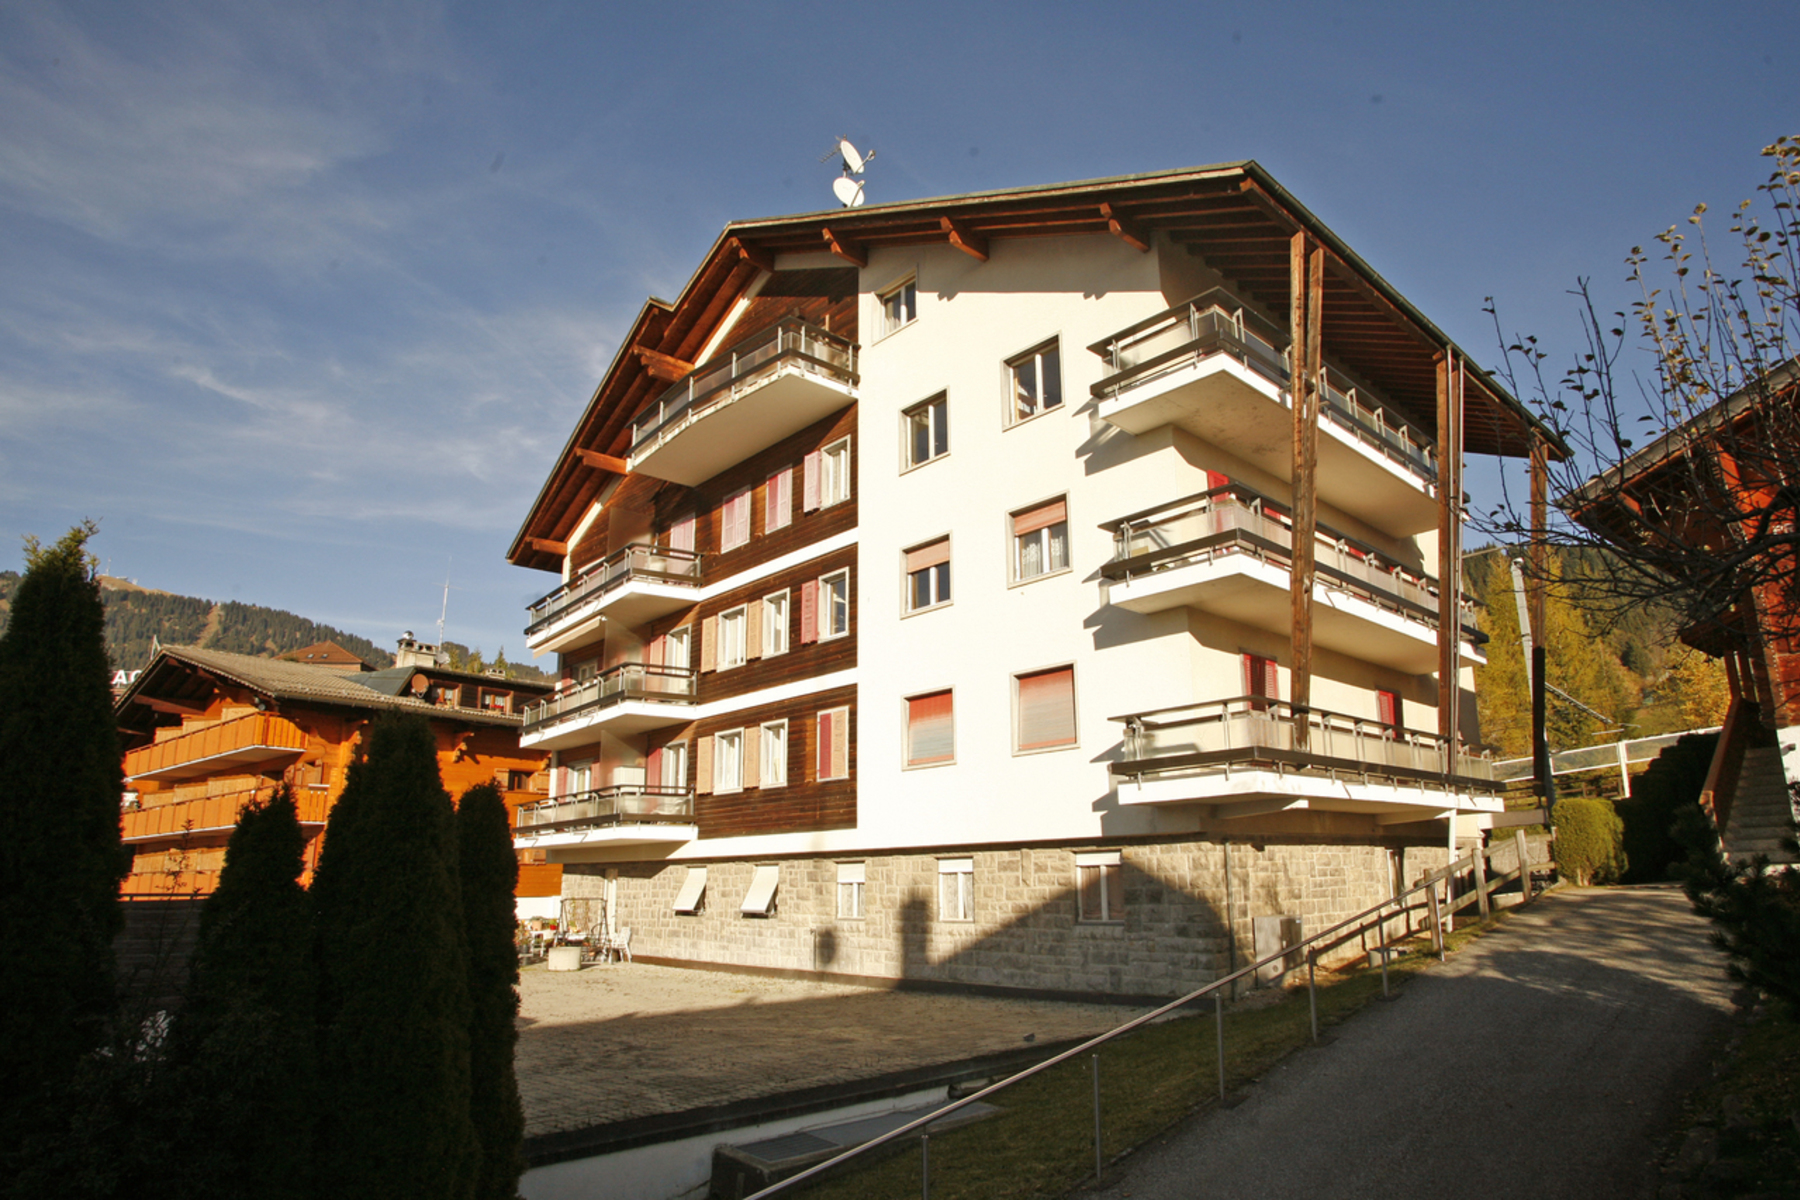 Appartamento per Vendita alle ore Les Périades B6 Avenue Centrale 137, Villars-Sur-Ollon, Vaud, 1884 Svizzera